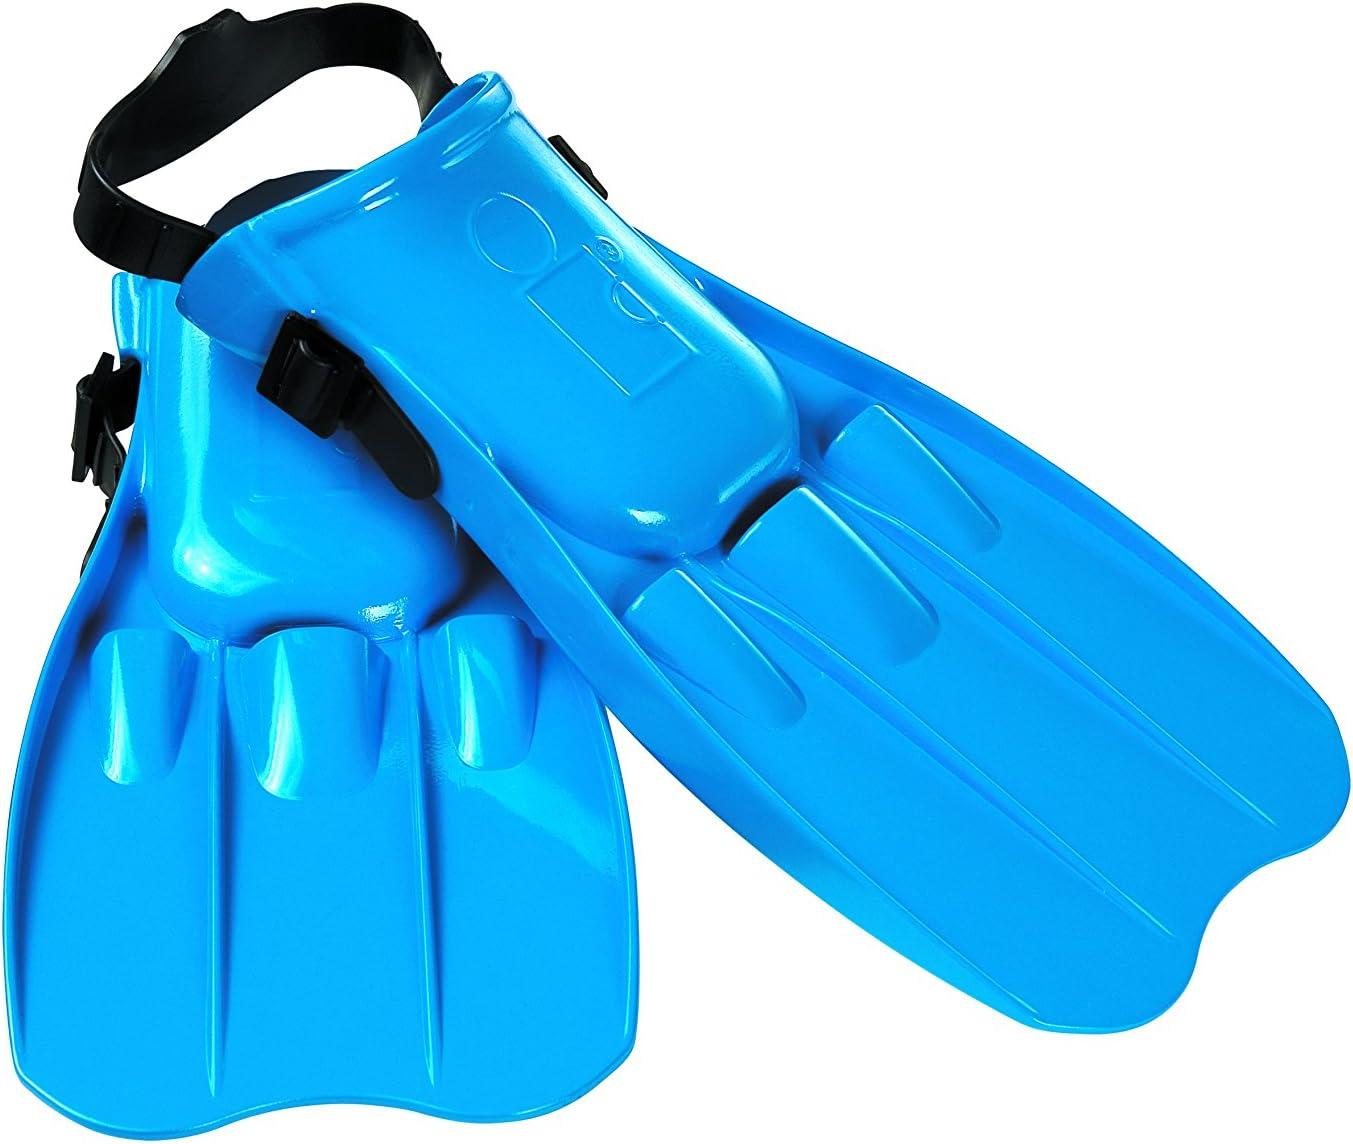 Intex Schwimmflossen Schwimmen f/ür Gr/ö/ßen 5/ /8/ Farben k/önnen variieren